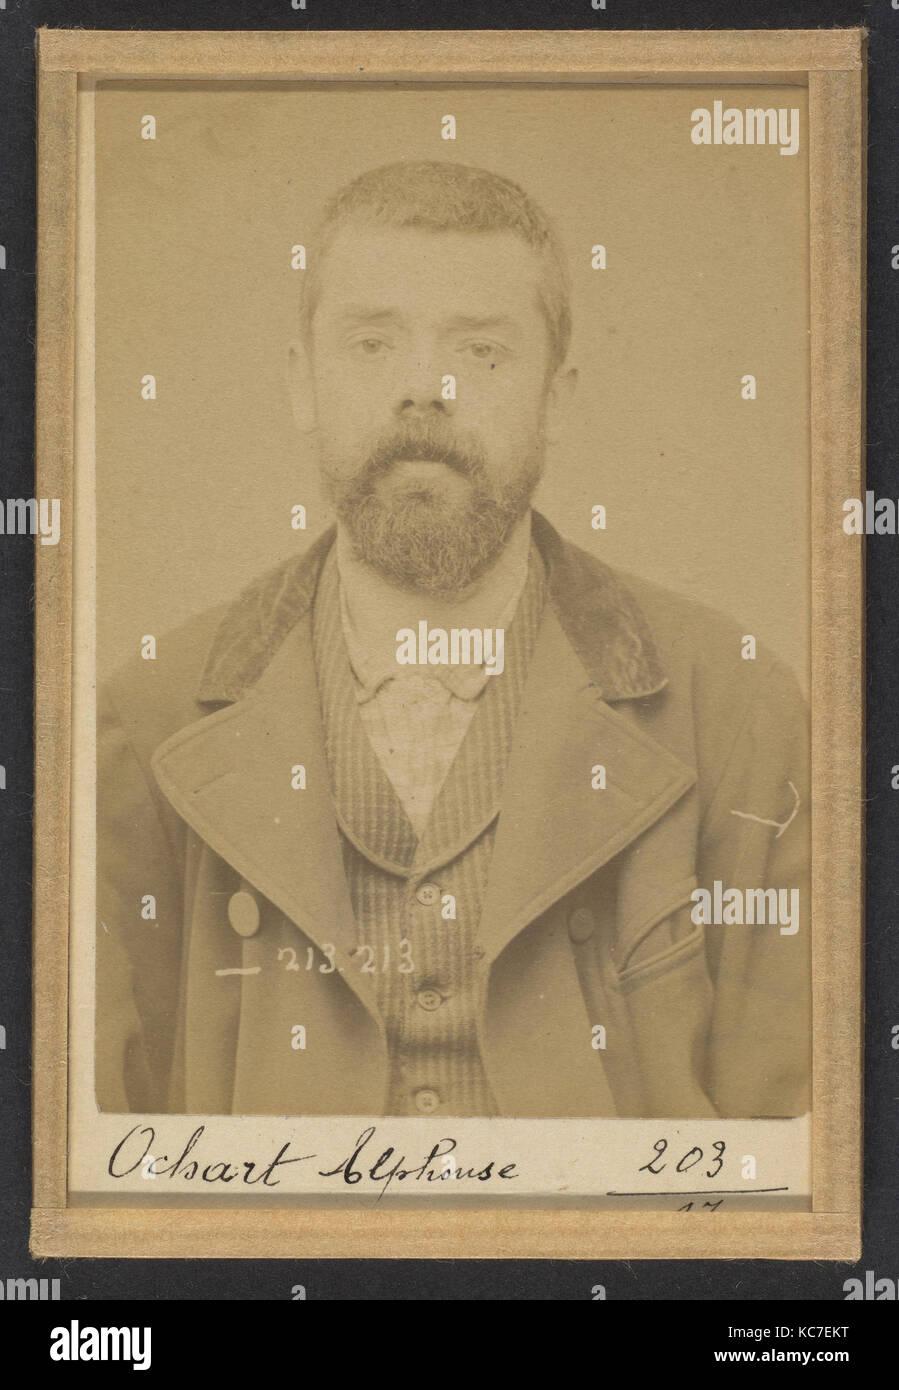 309. Ochart. Alphonse. 37 ans, né le 24/1/56 à Asbruch (Nord). Fabricant de chaussures. Anarchiste. 22/1/94 - Stock Image